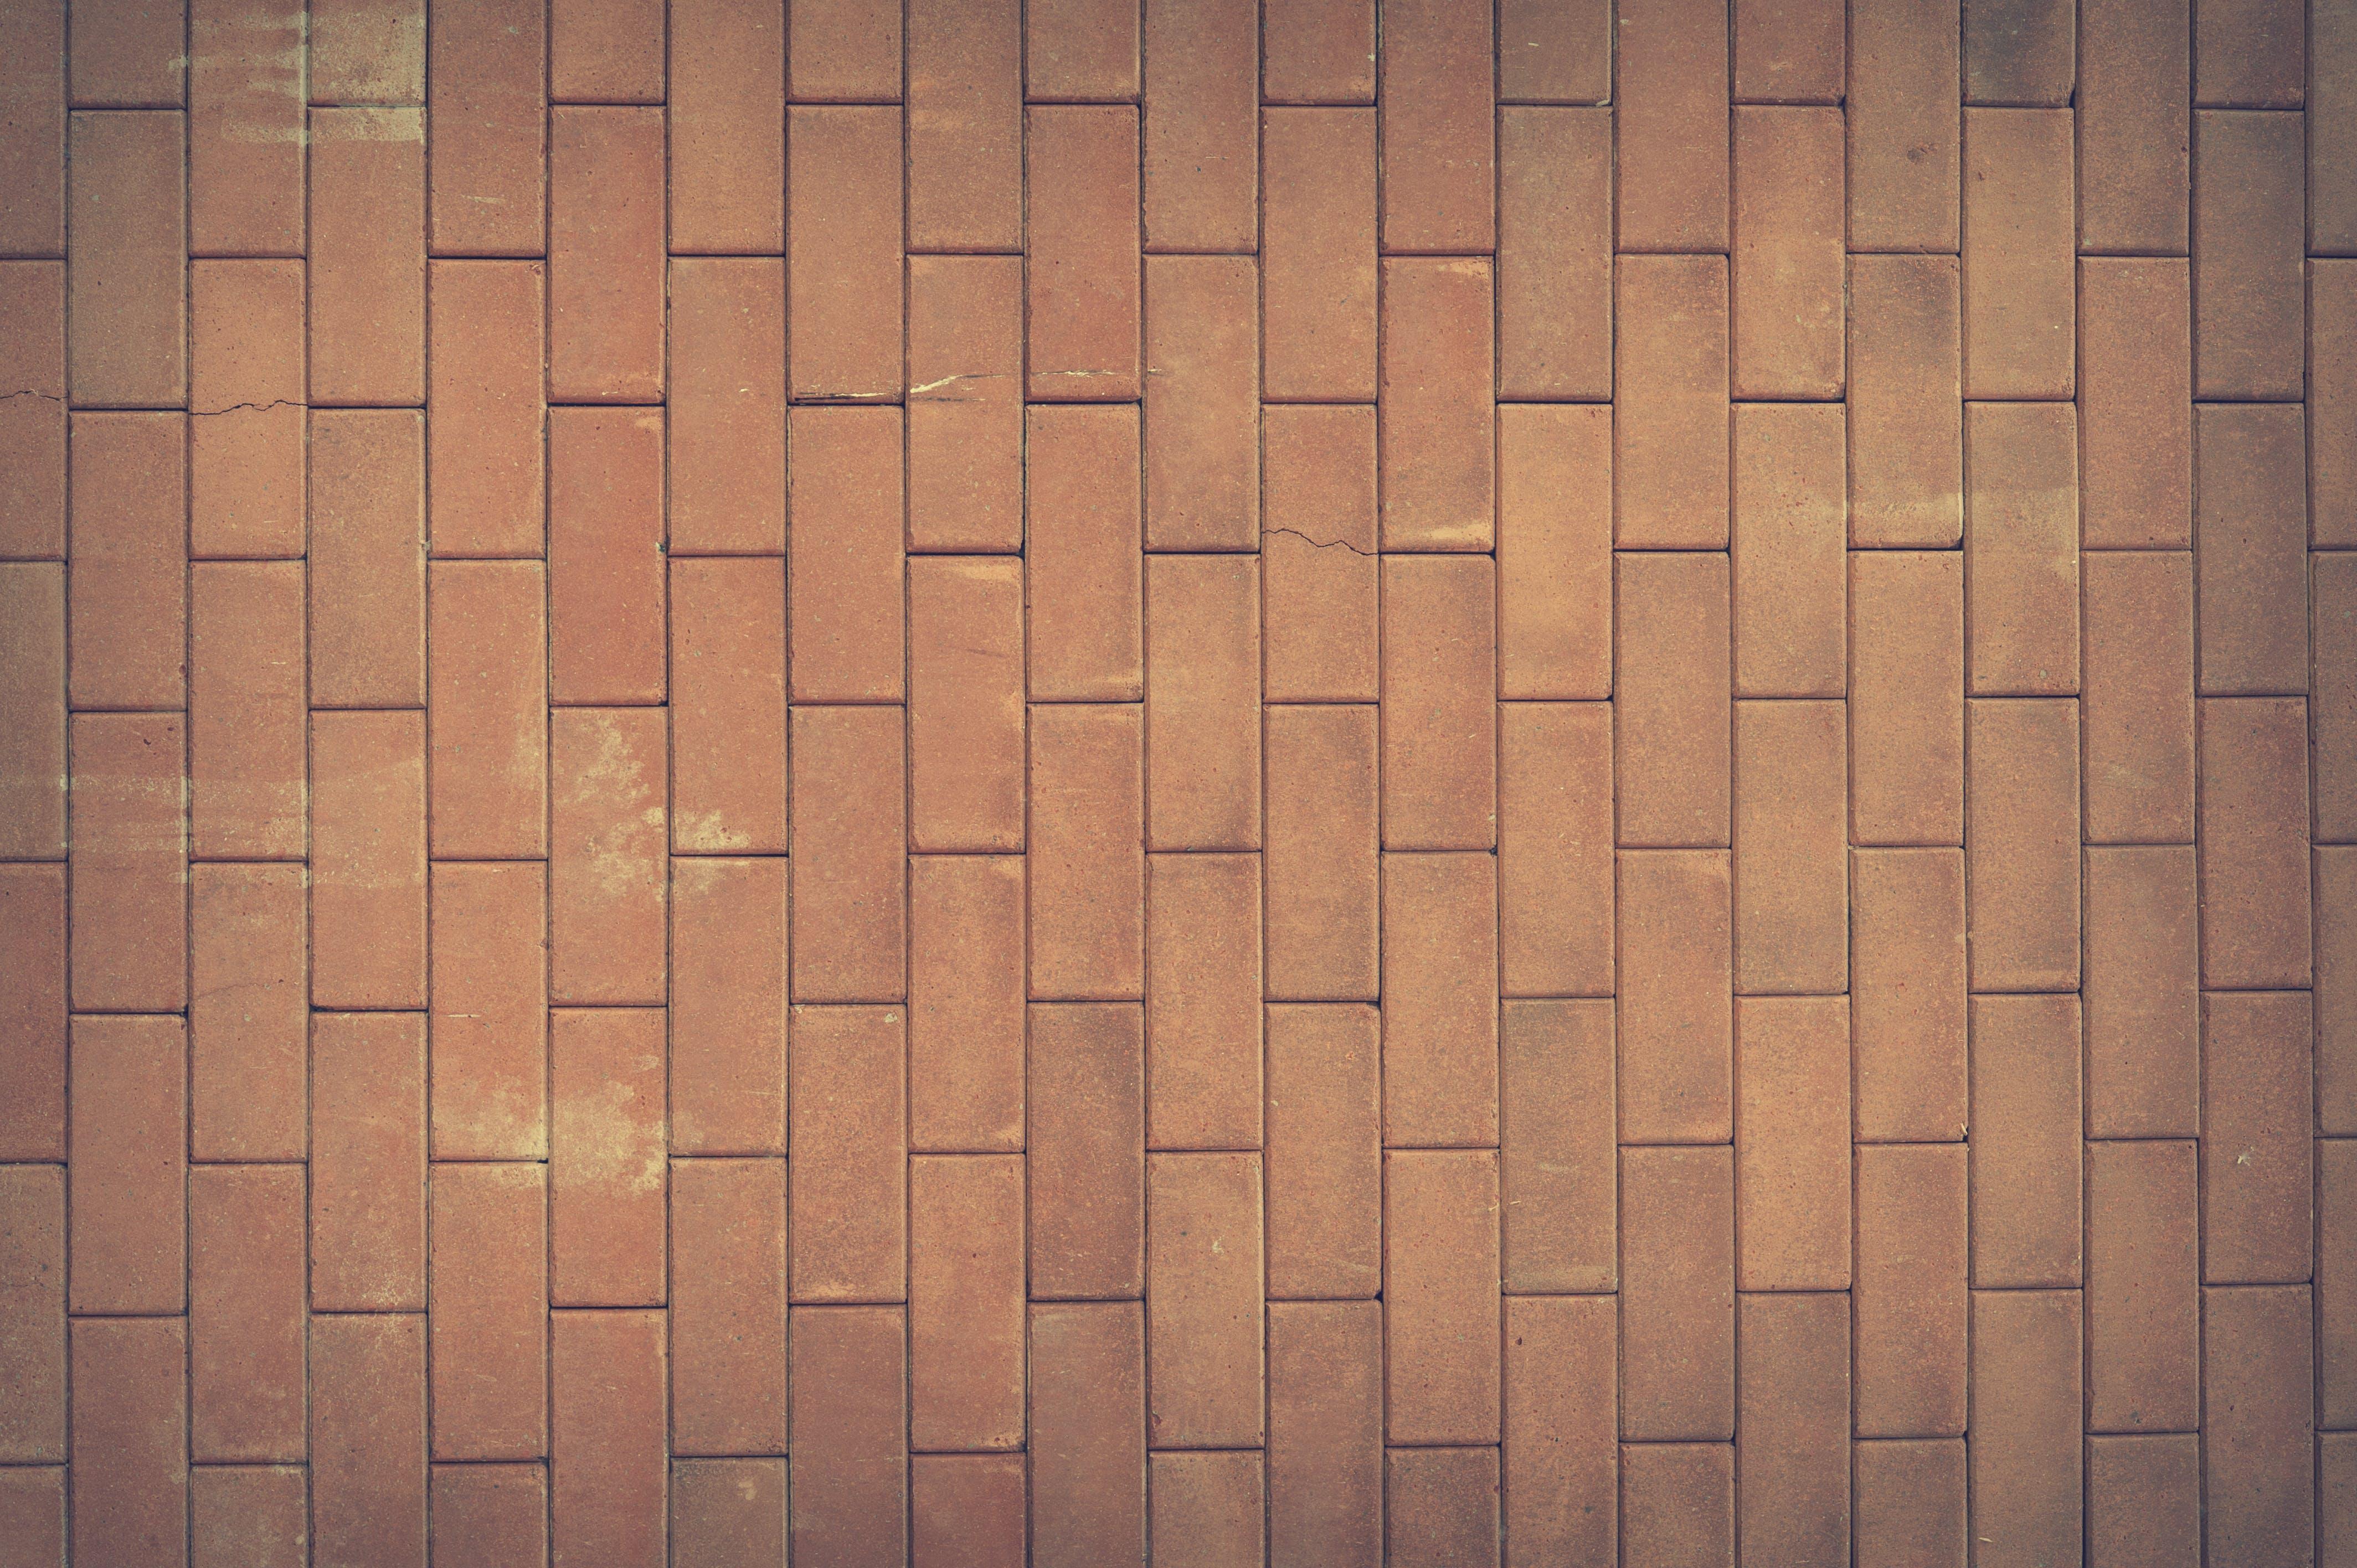 Brown Concrete Brick Wall